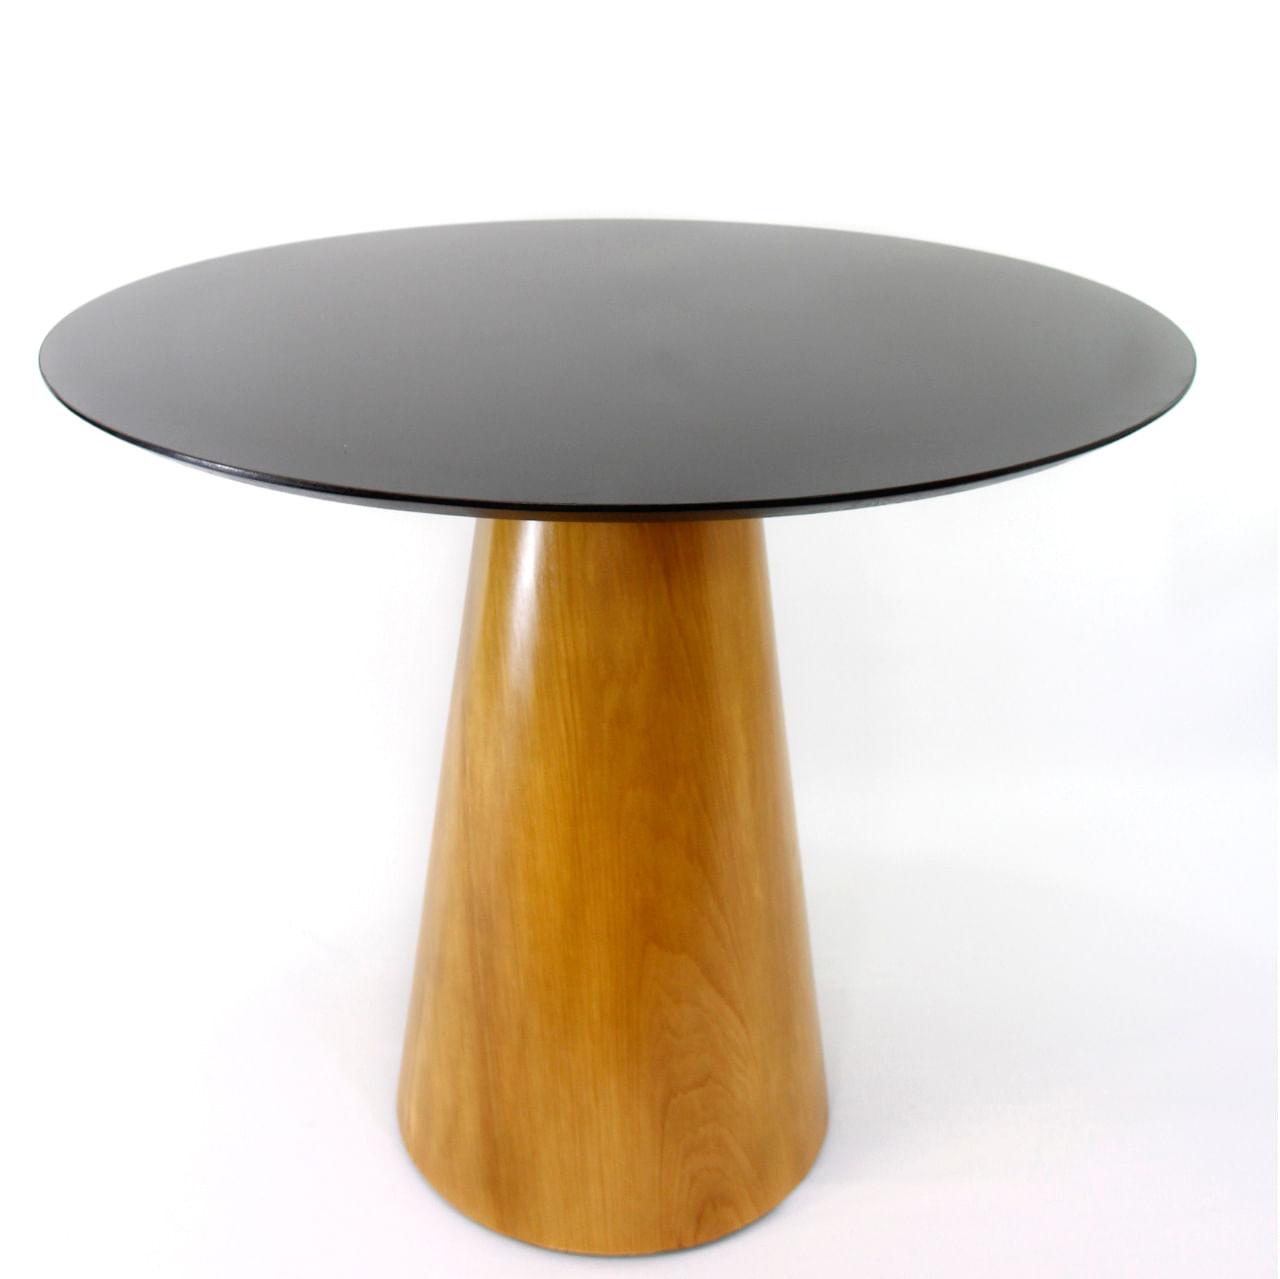 Mesa de Jantar Cone 80 cm Base Madeira Marfim